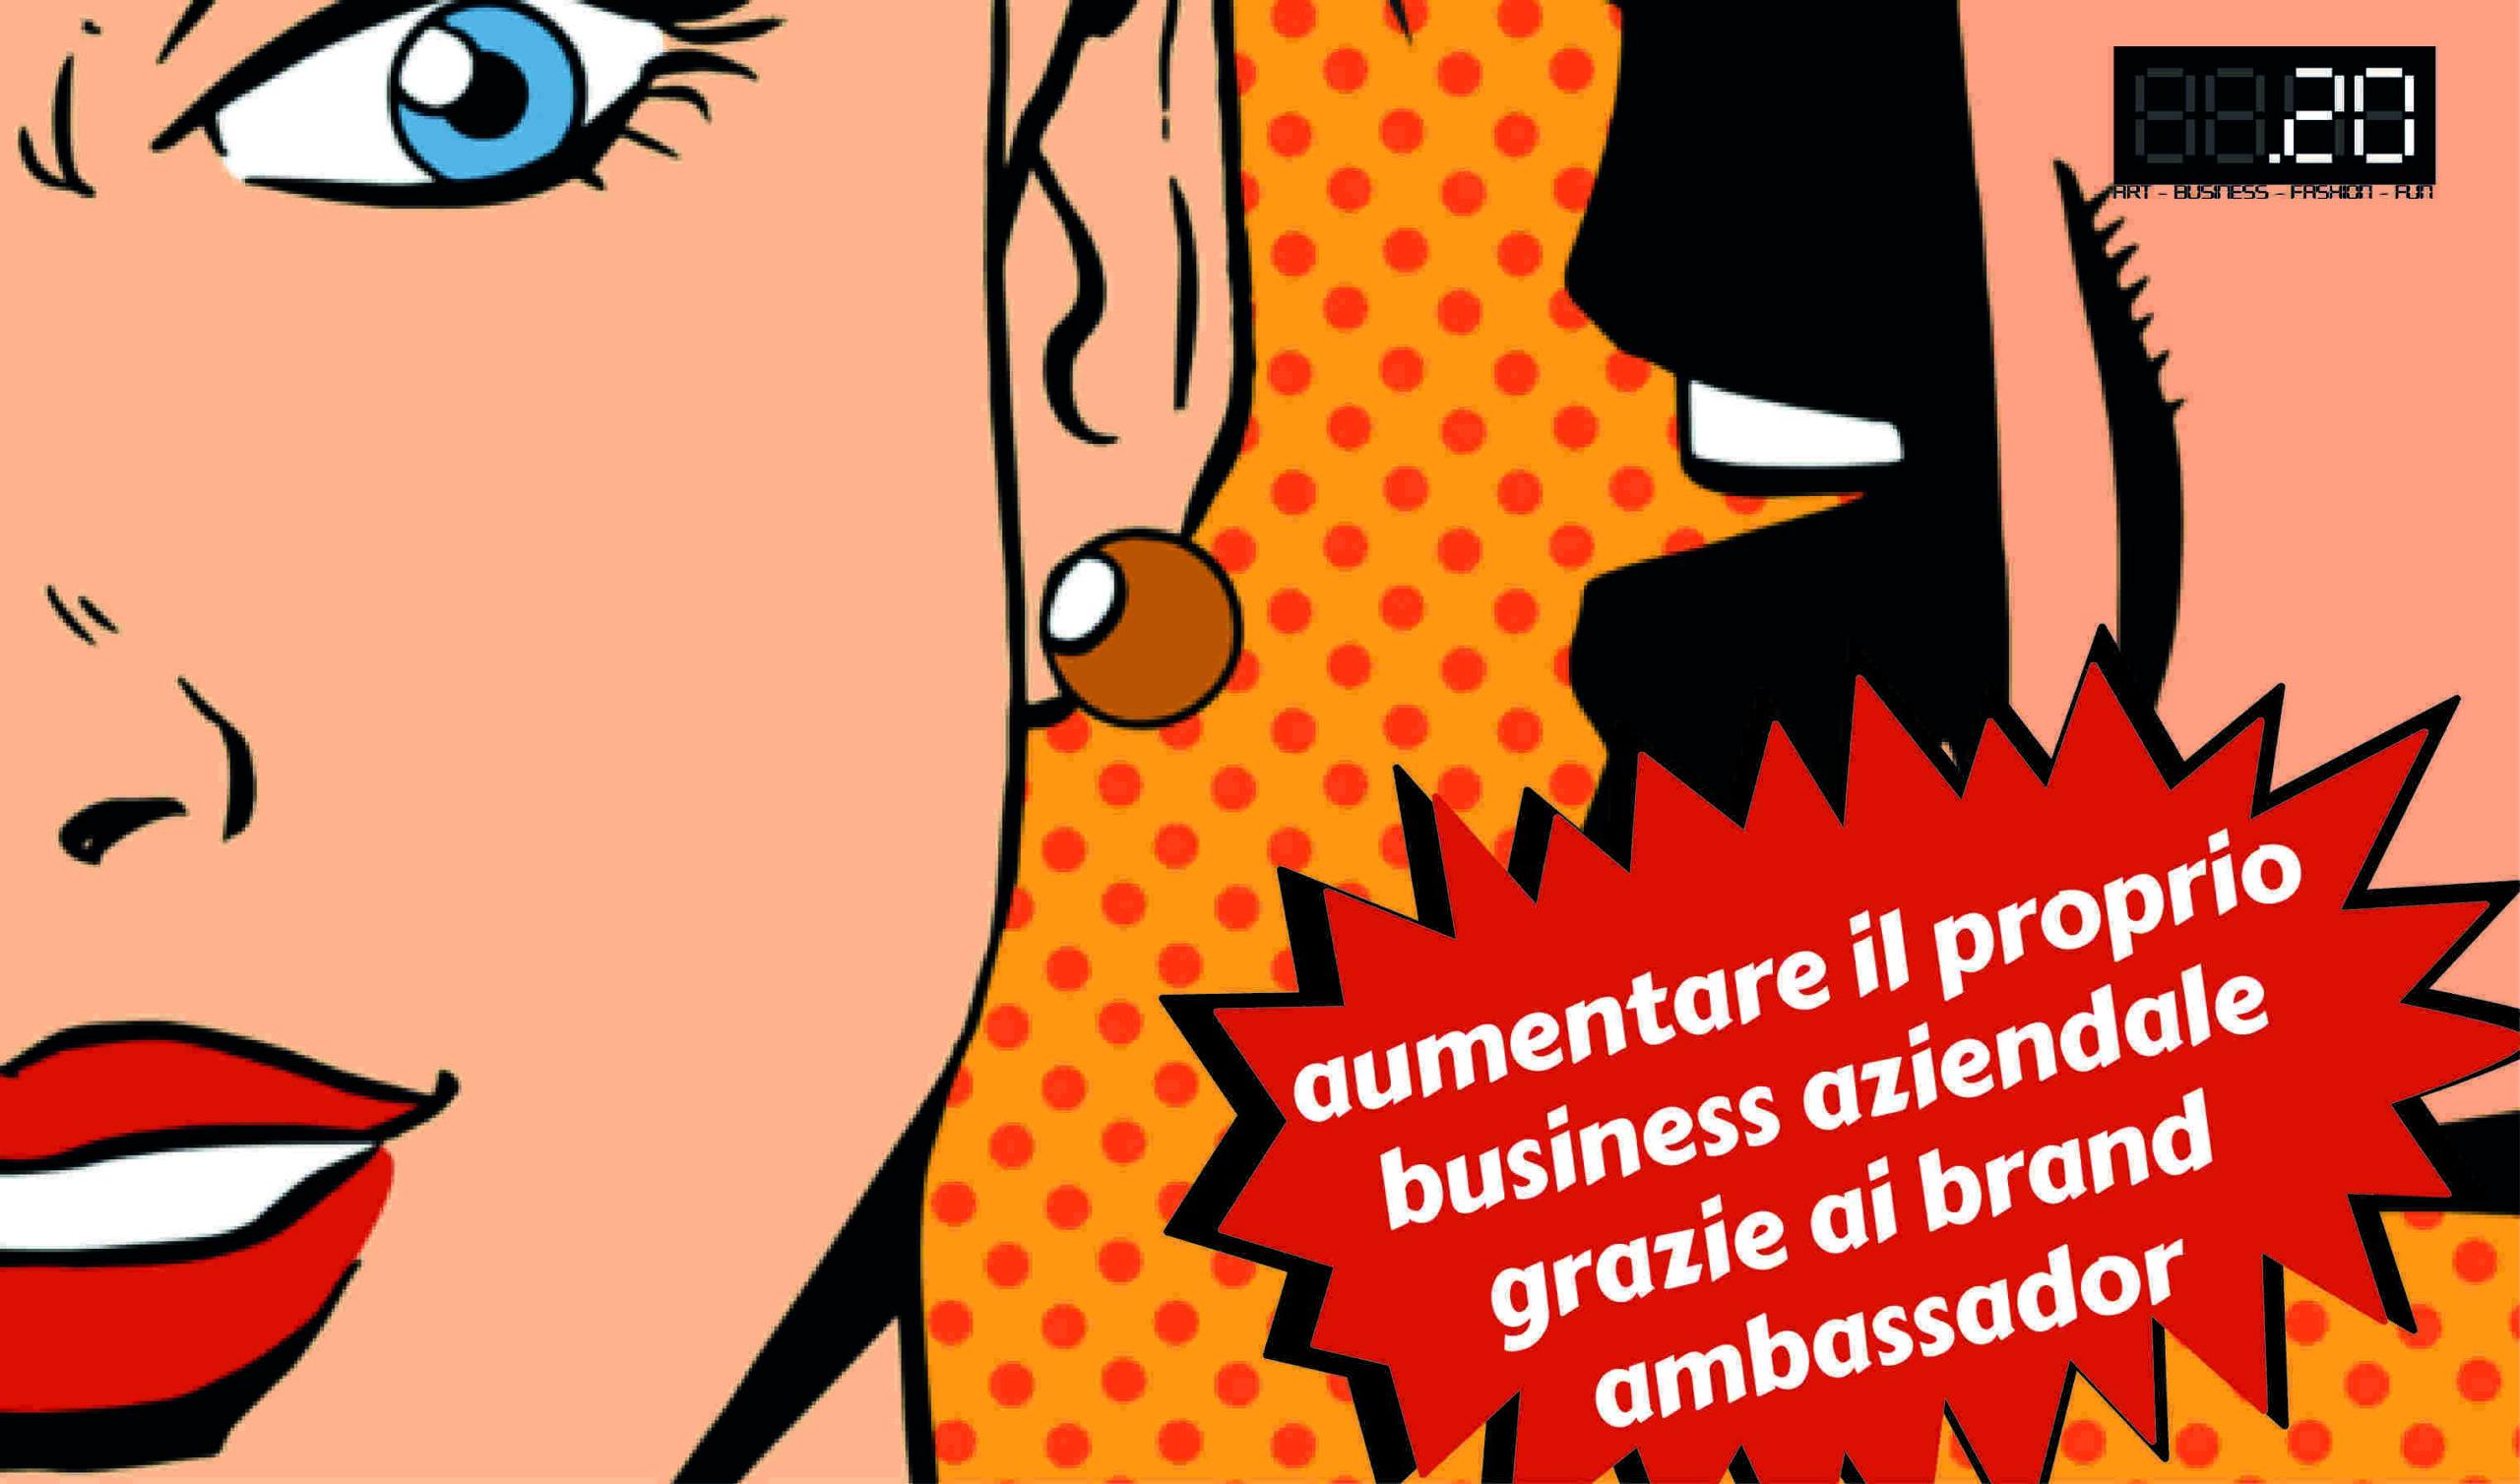 Aumentare il proprio business aziendale grazie ai brand ambassador